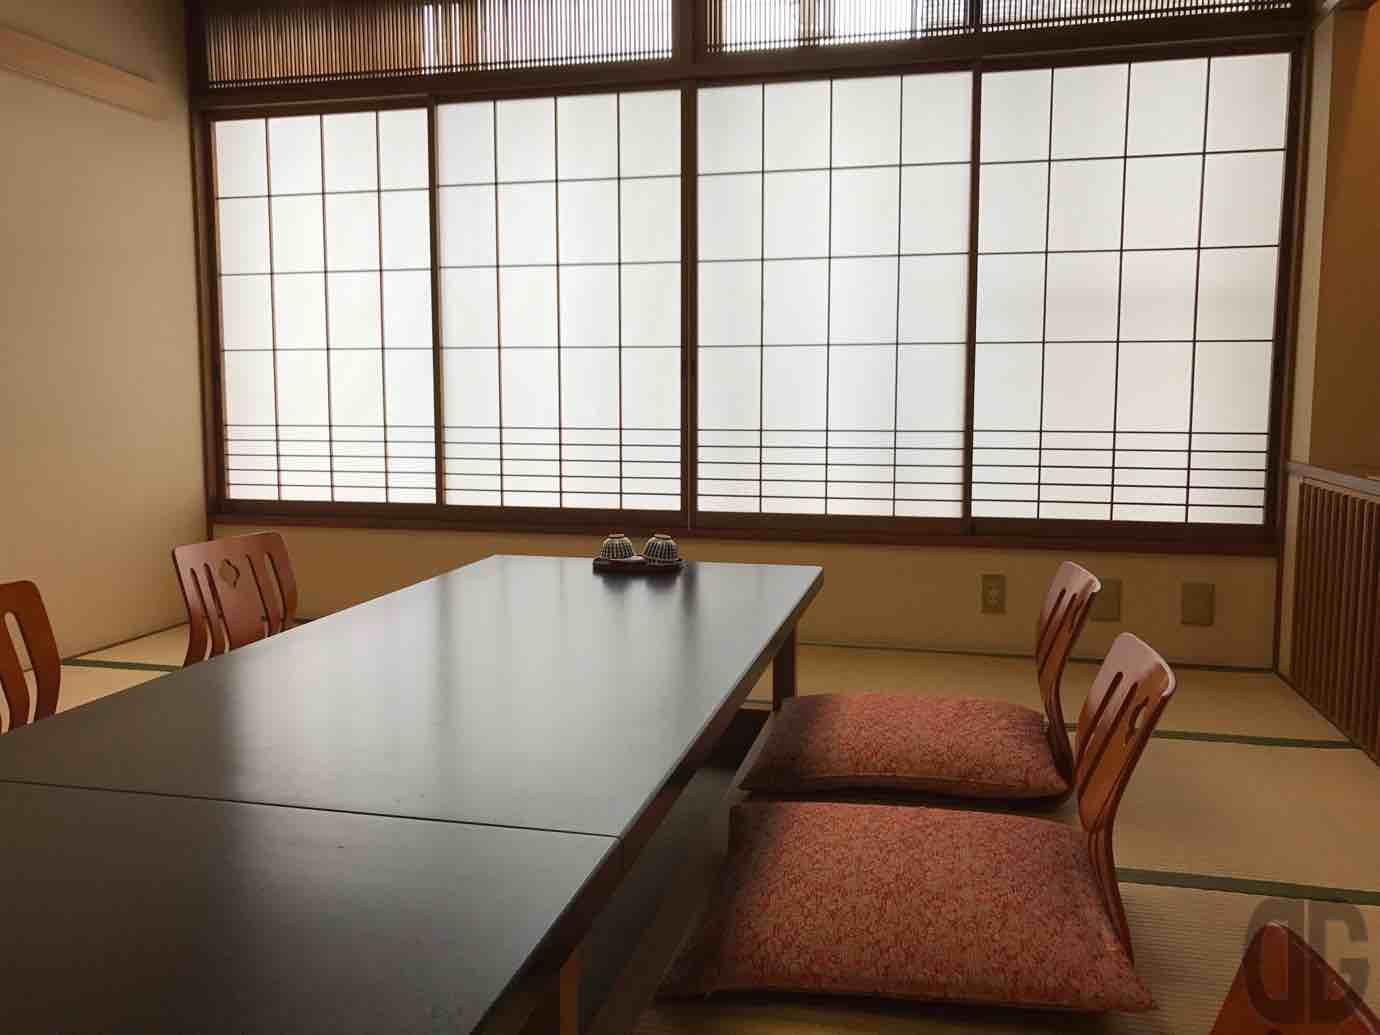 神楽坂割烹加賀でゆったりとした個室で日替り御膳の地鶏のおろしポン酢をいただく